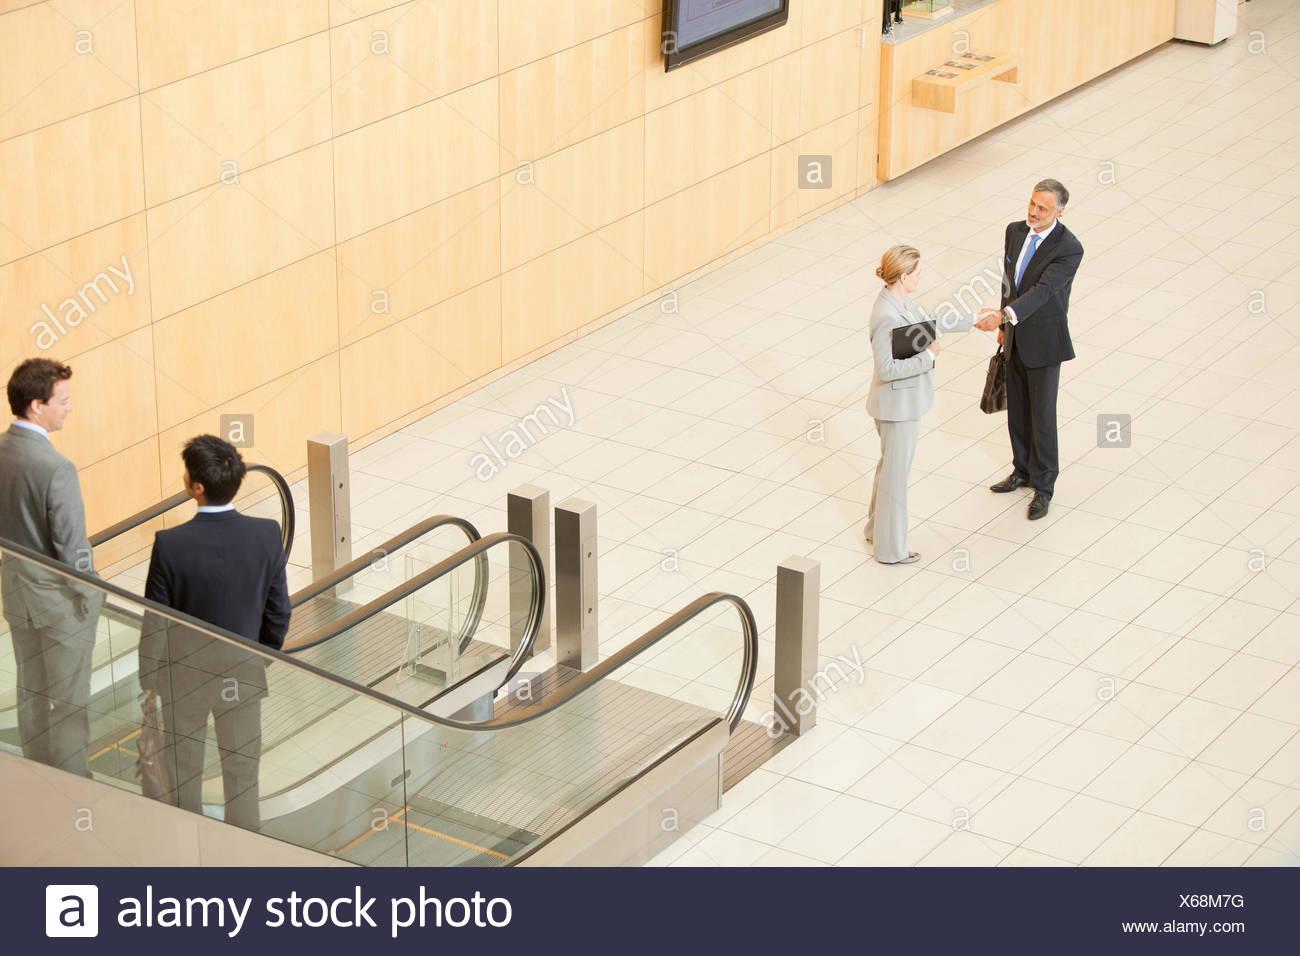 Les gens d'affaires l'article au bas de l'escalator Photo Stock